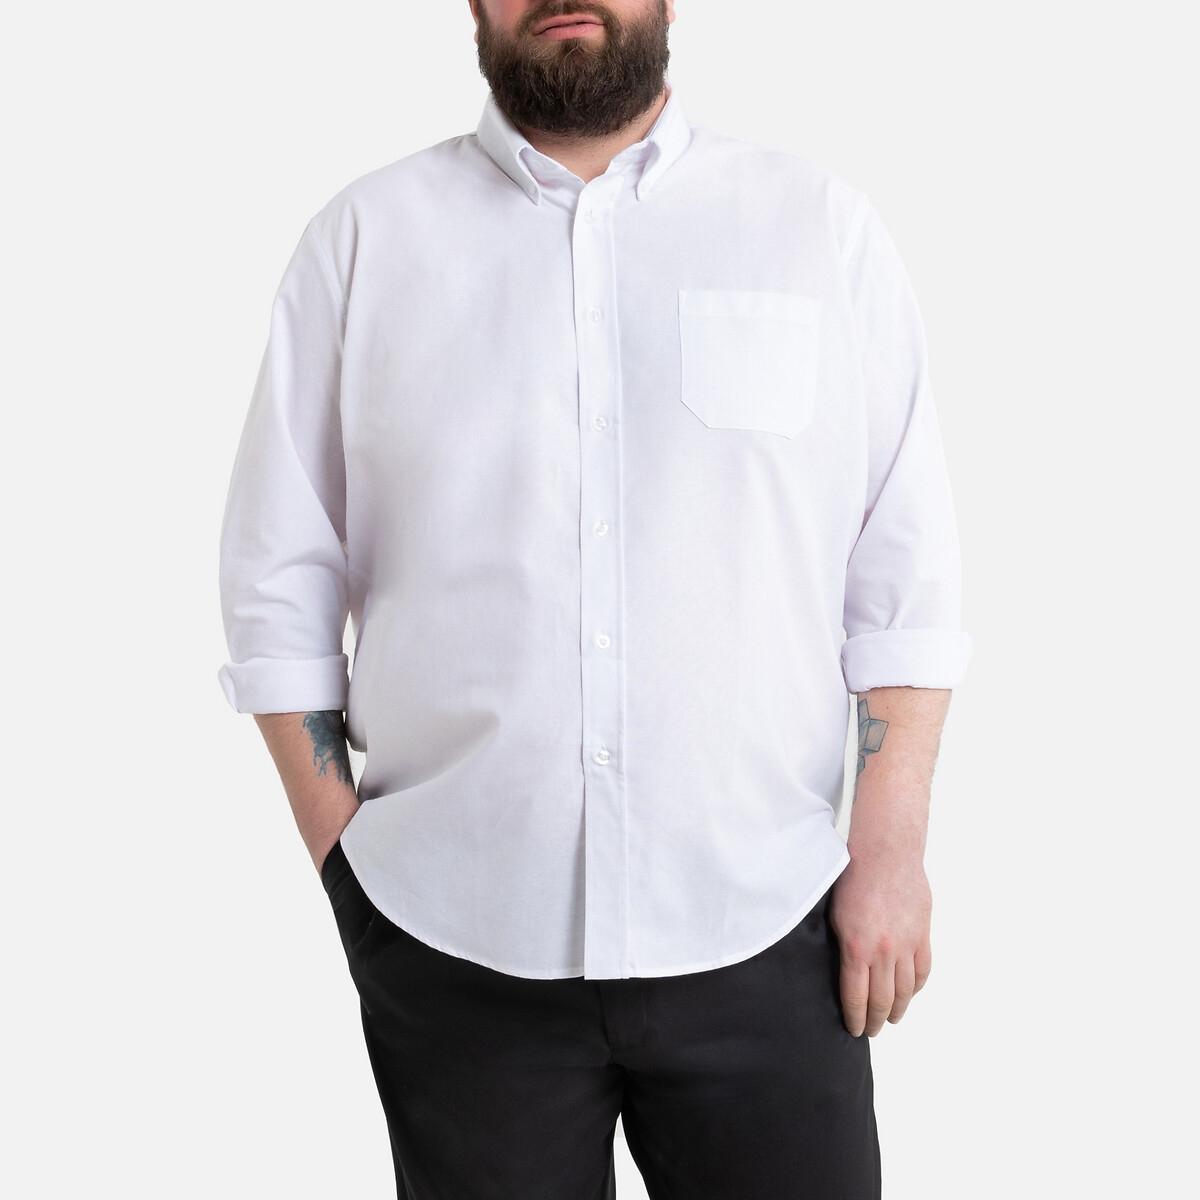 Camisa direita de mangas compridas, altura 1